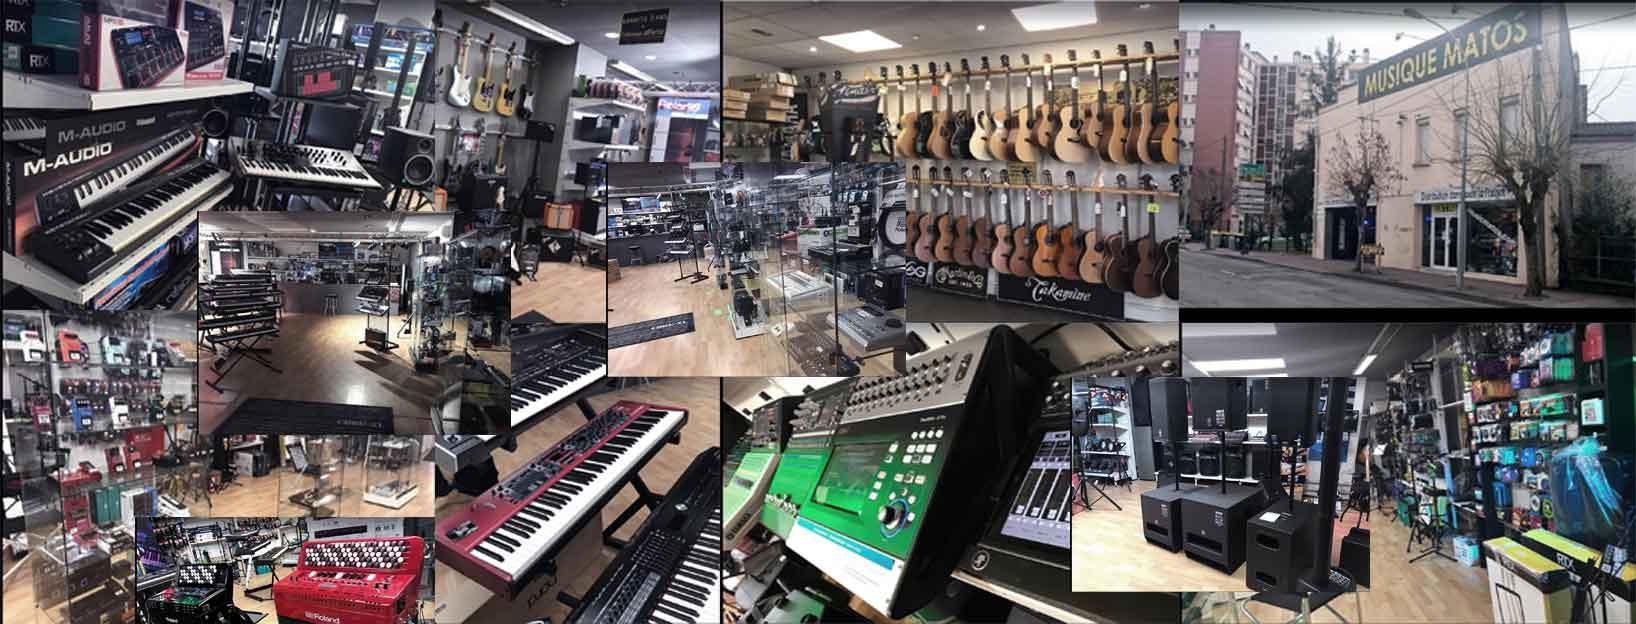 Un grand choix d'instruments de musique et sonorisation